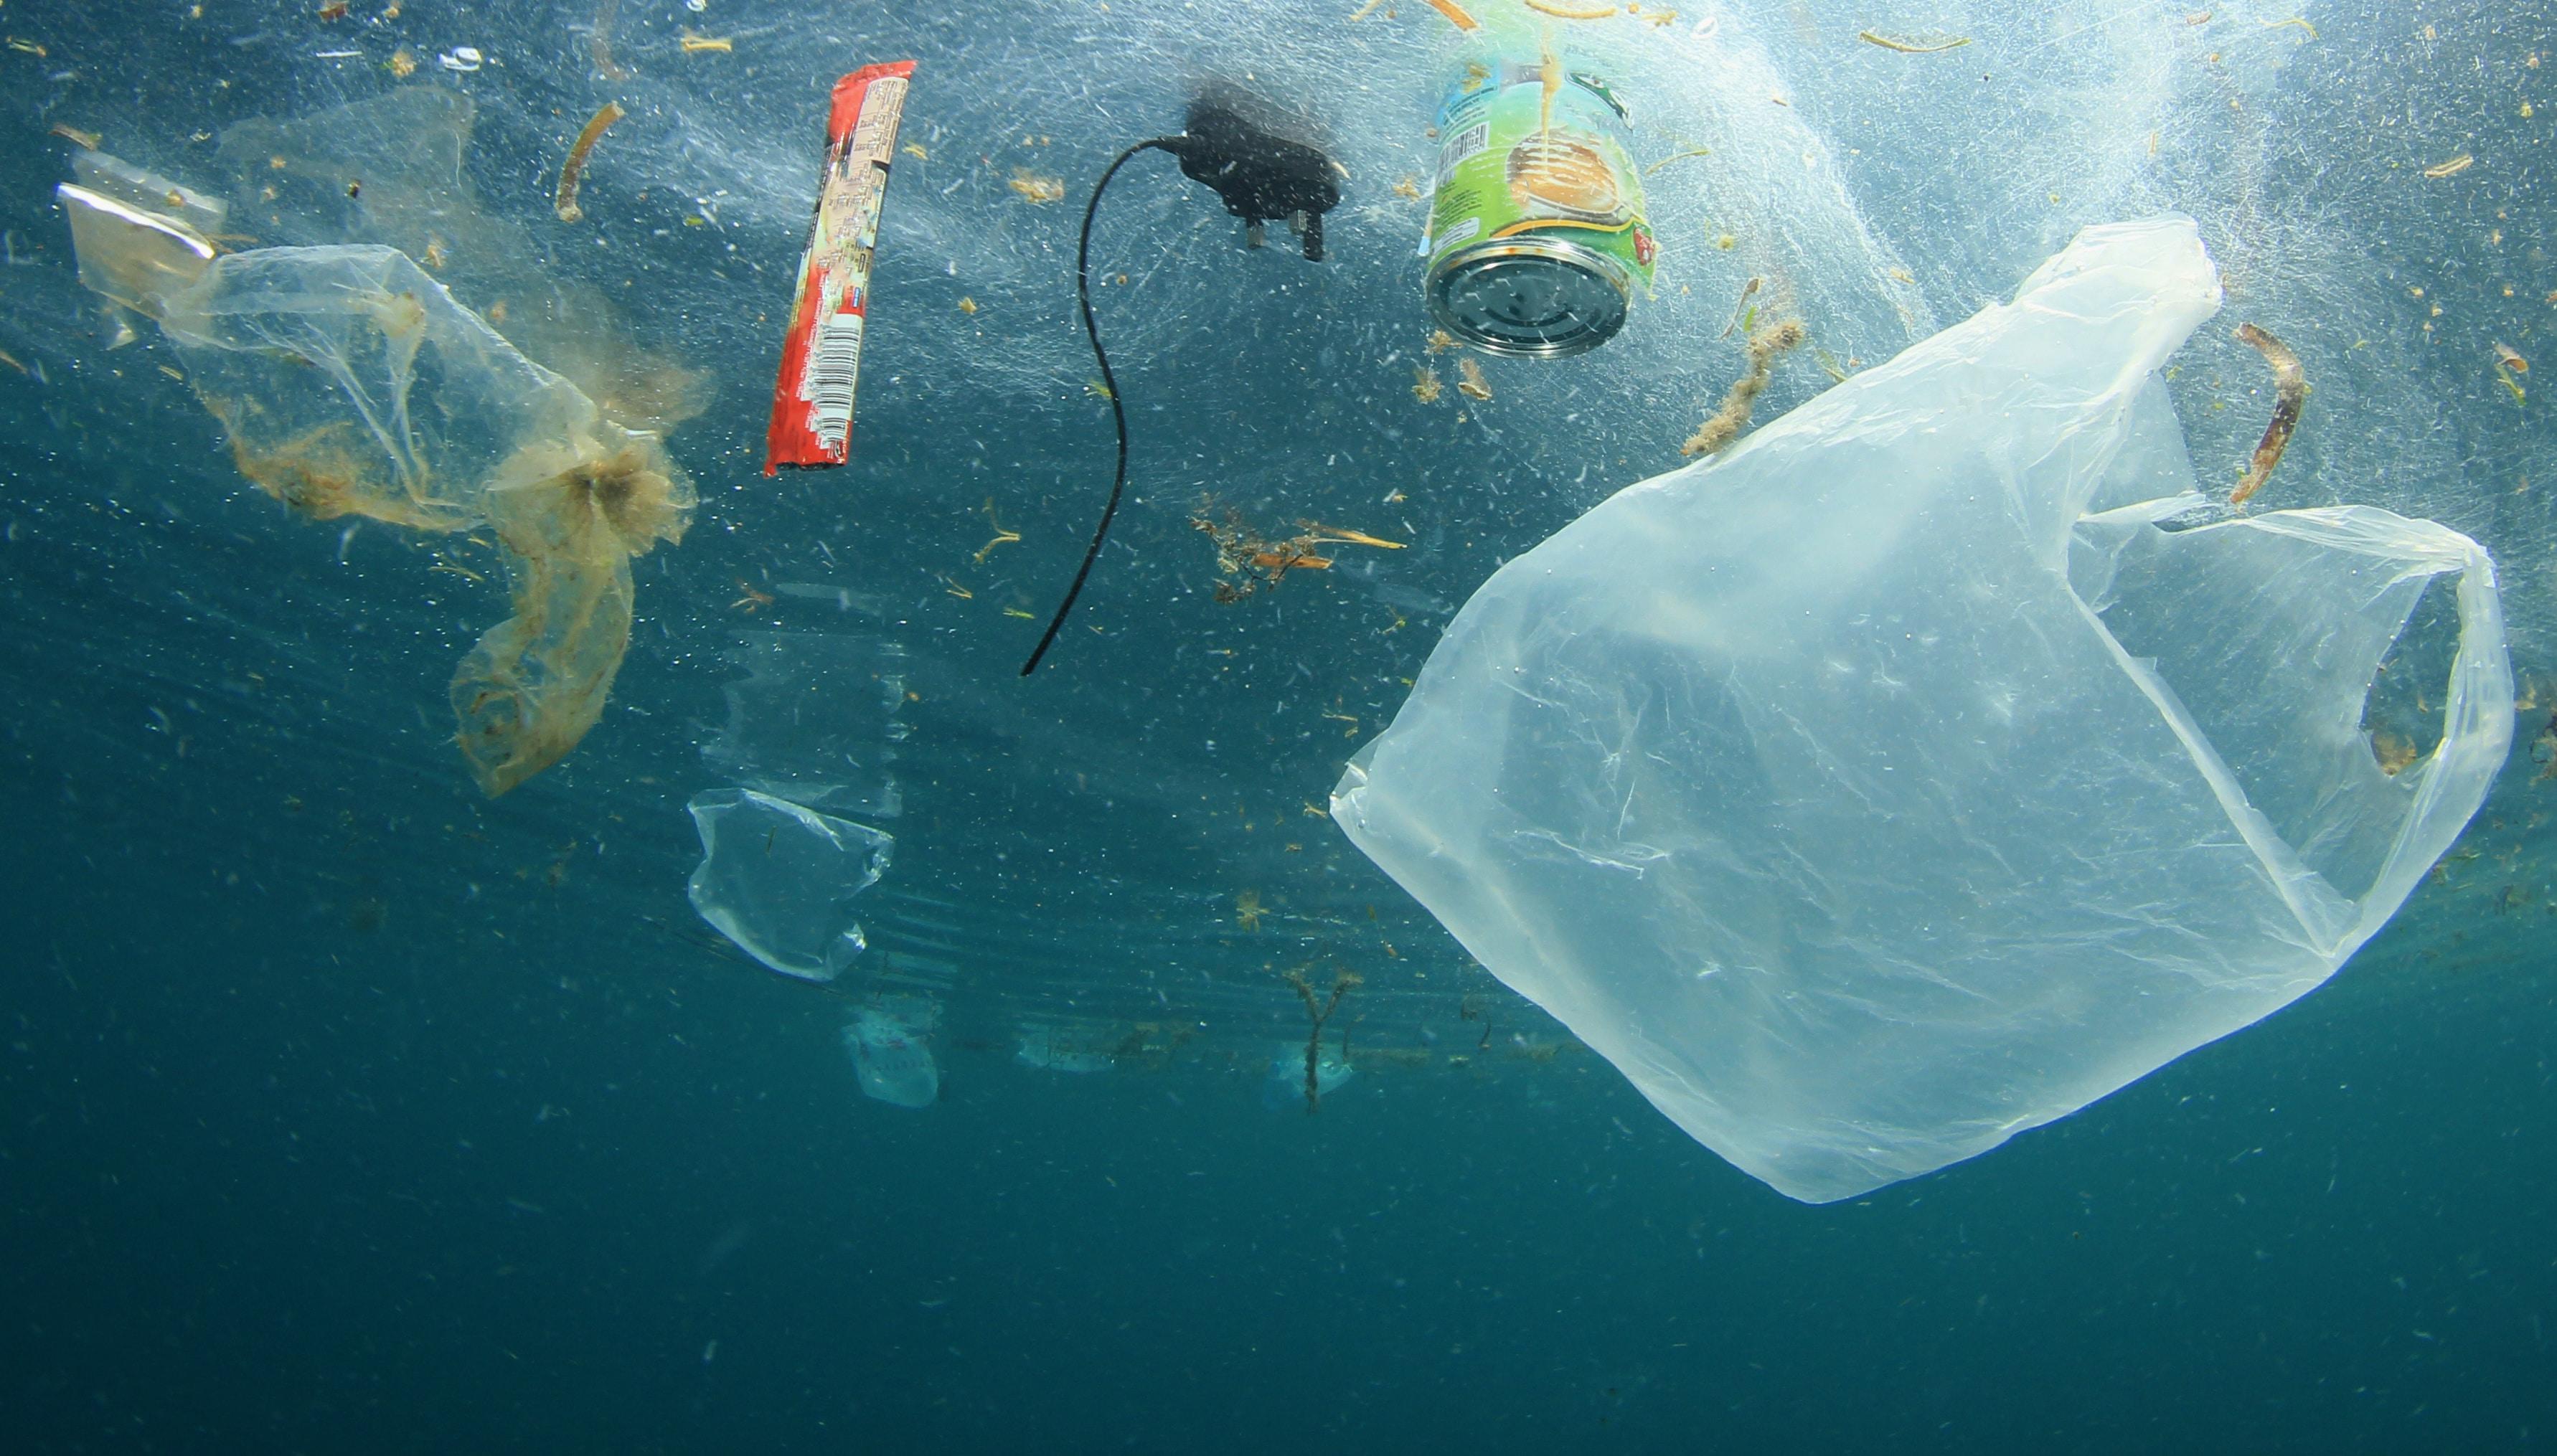 Європарламент заборонив одноразовий пластиковий посуд – рішення набуде чинності в 2021 р